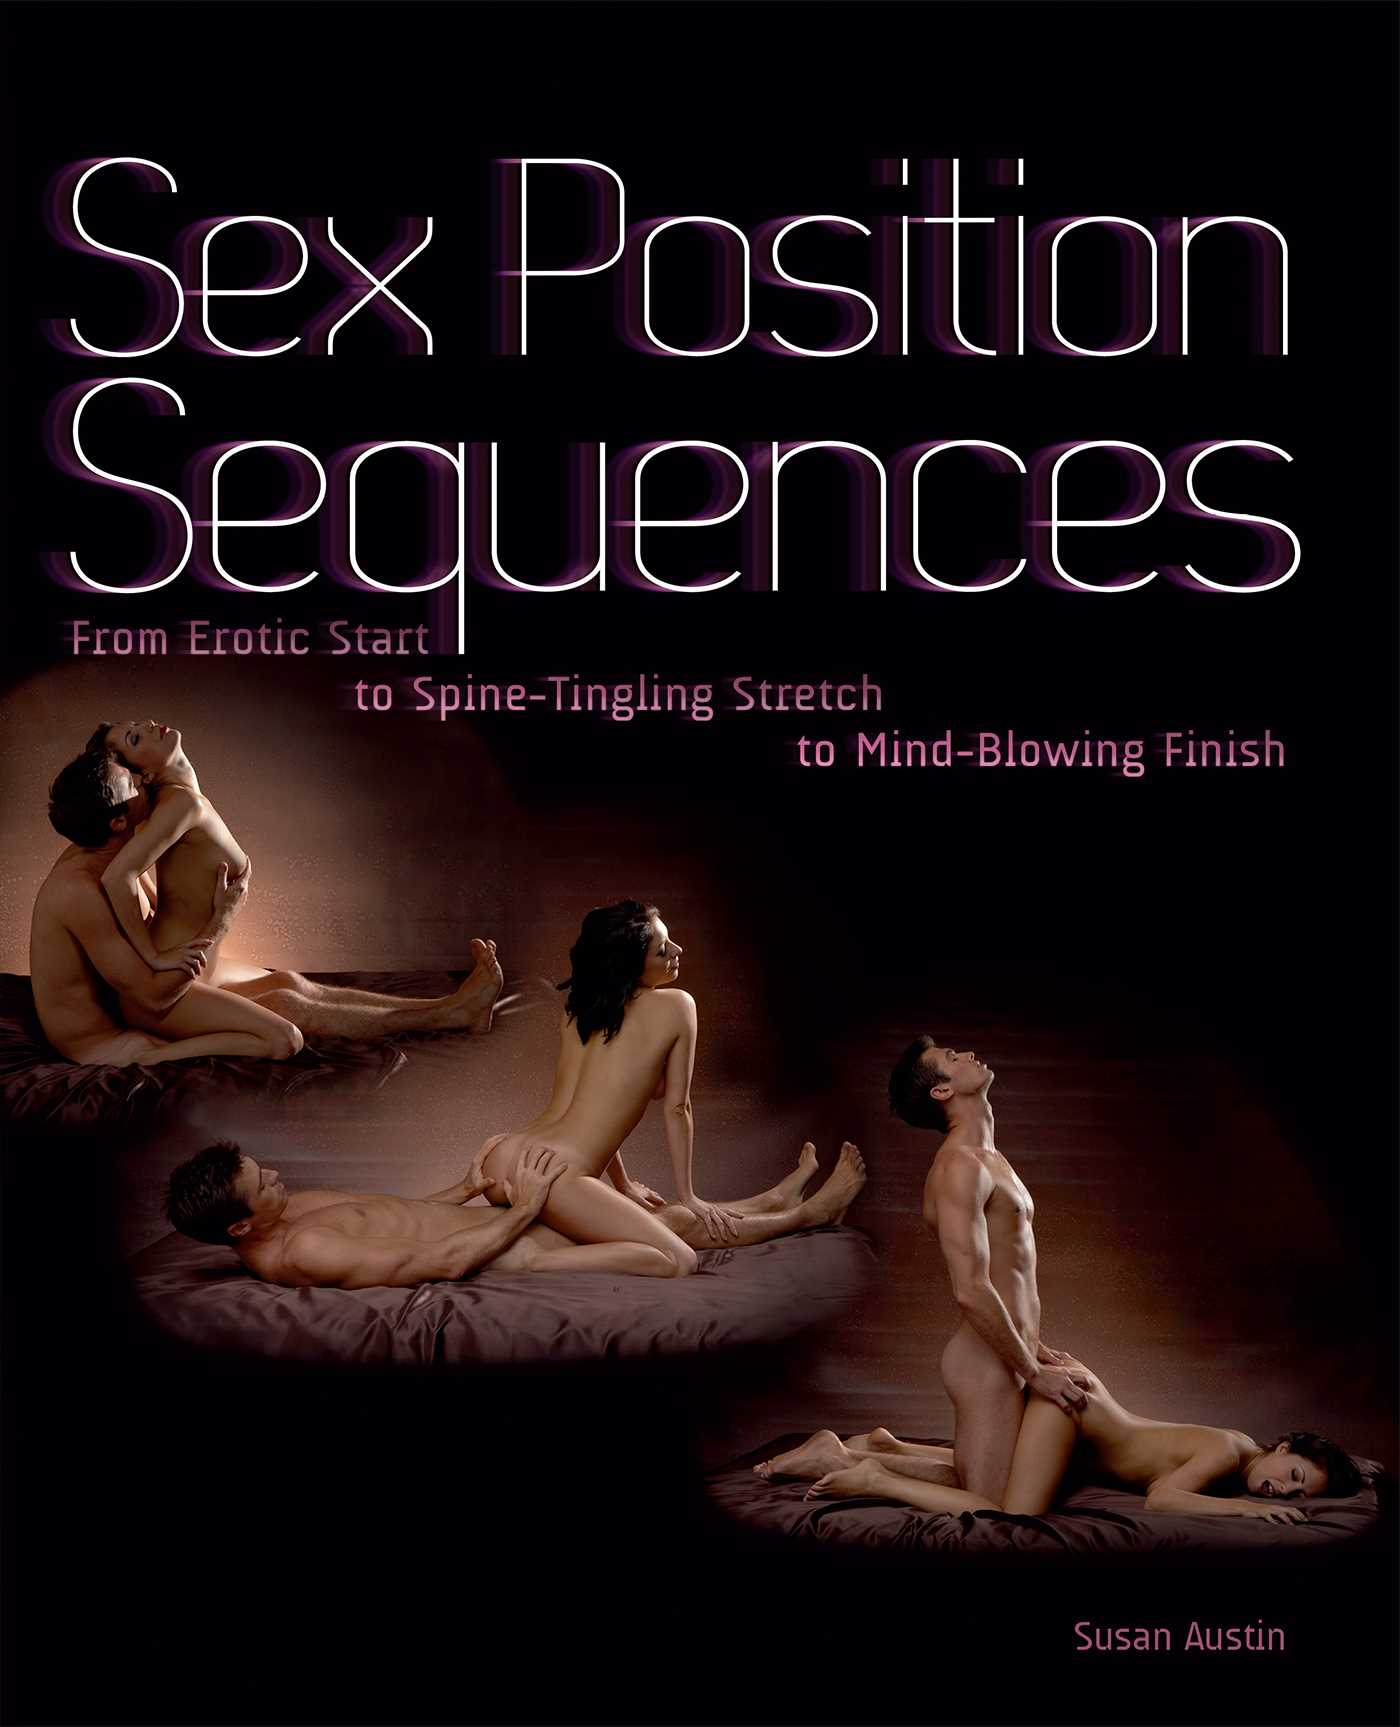 Men's sex therapy books